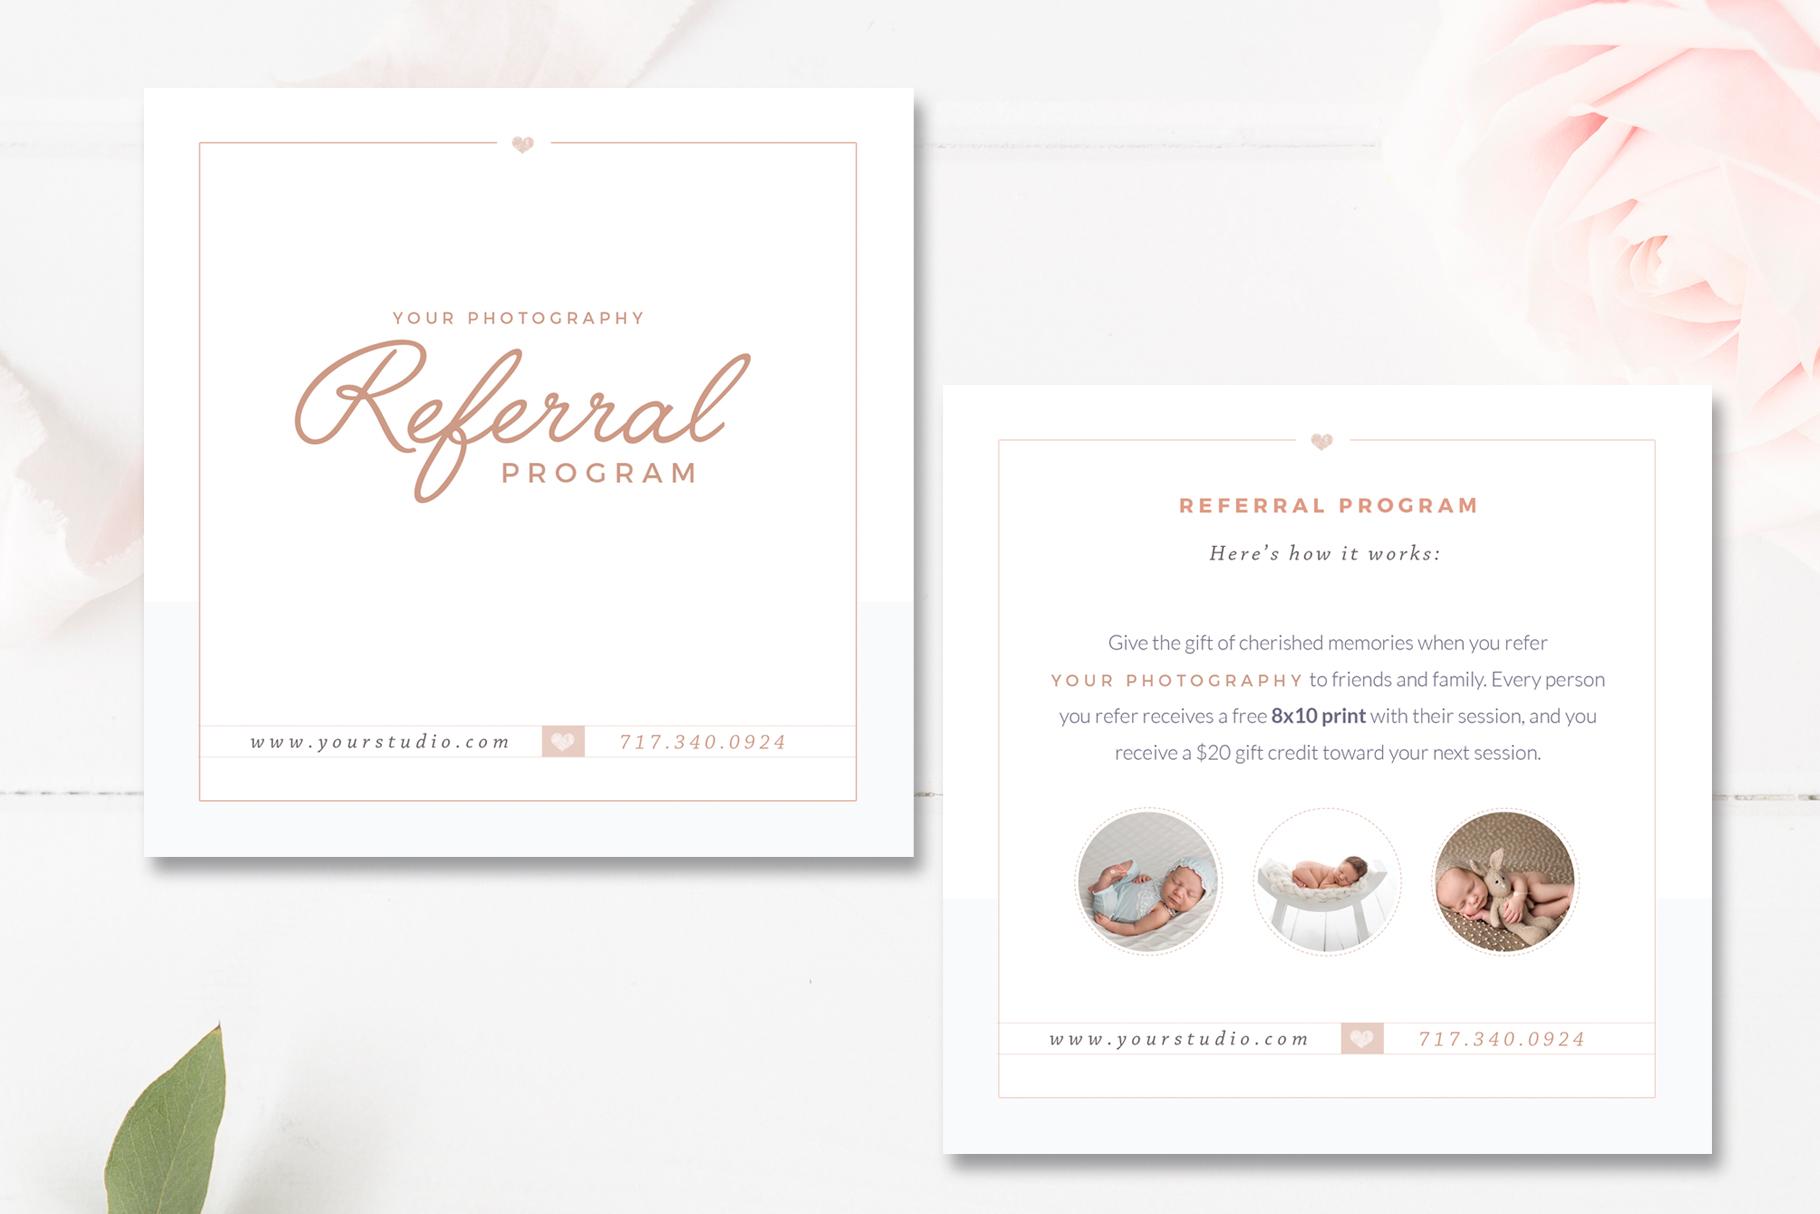 Photography Referral Card Templates, Referral Program \u2014 By Stephanie